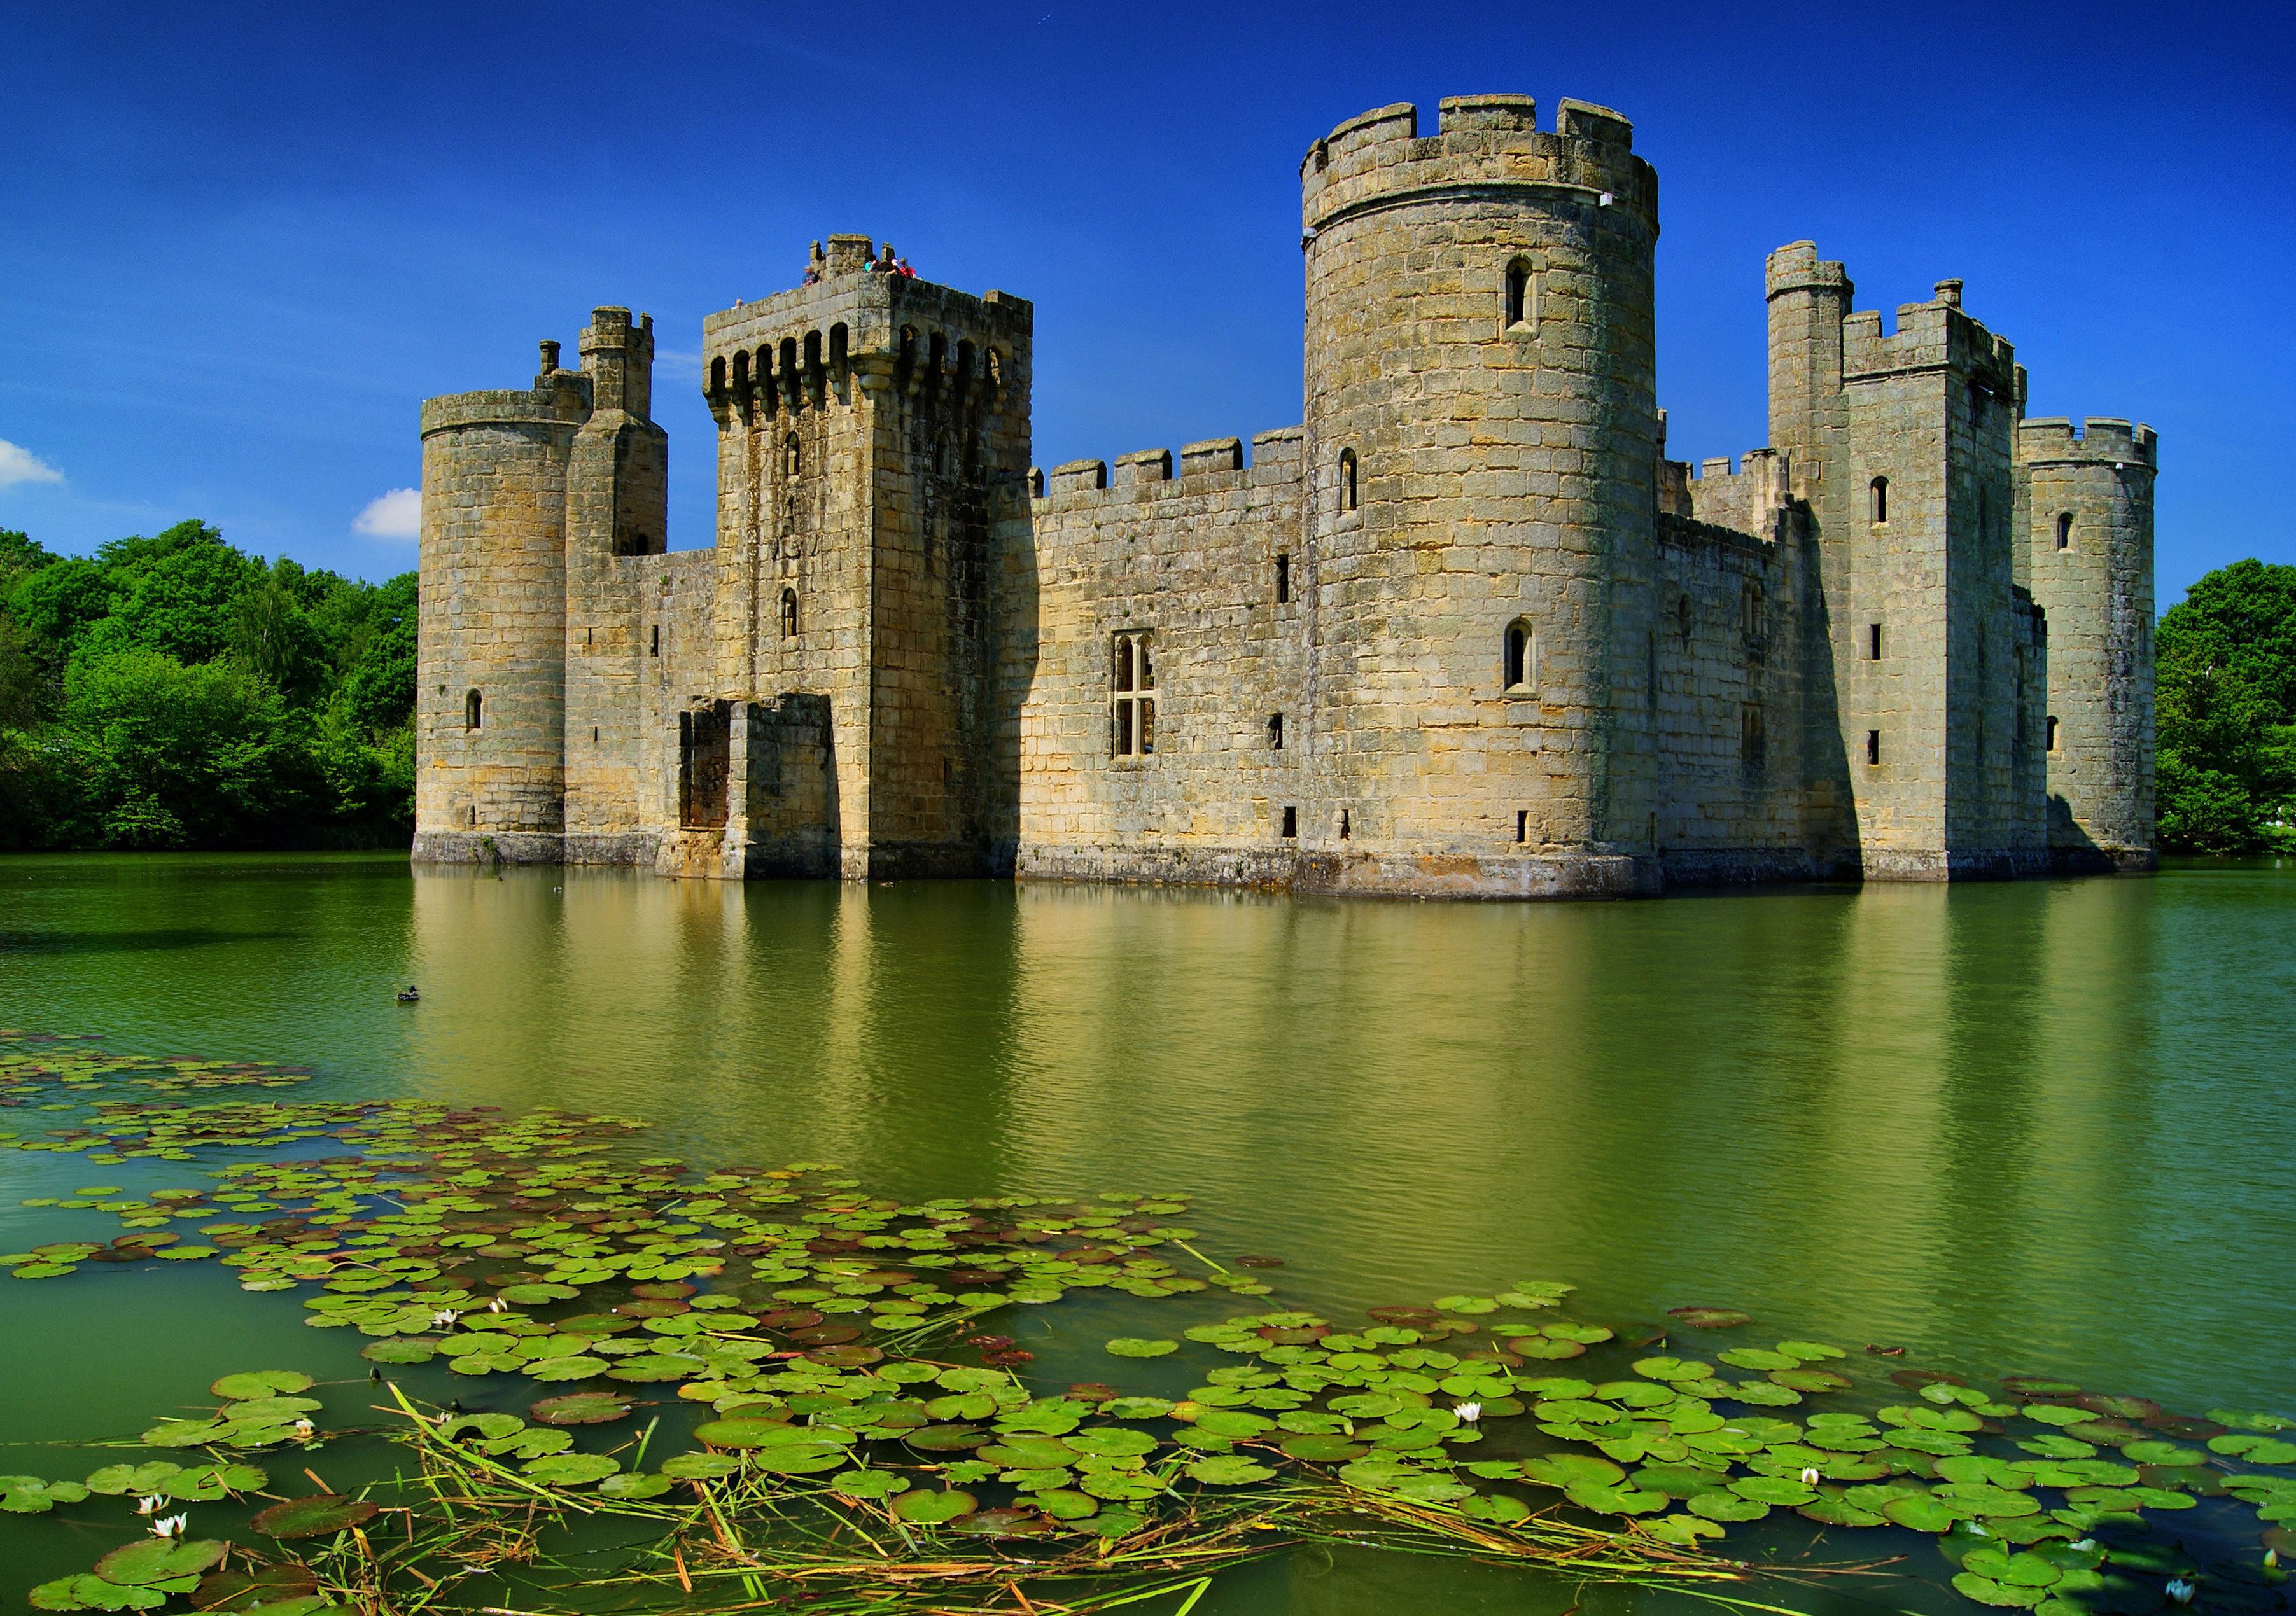 замок на воде  № 158435 загрузить